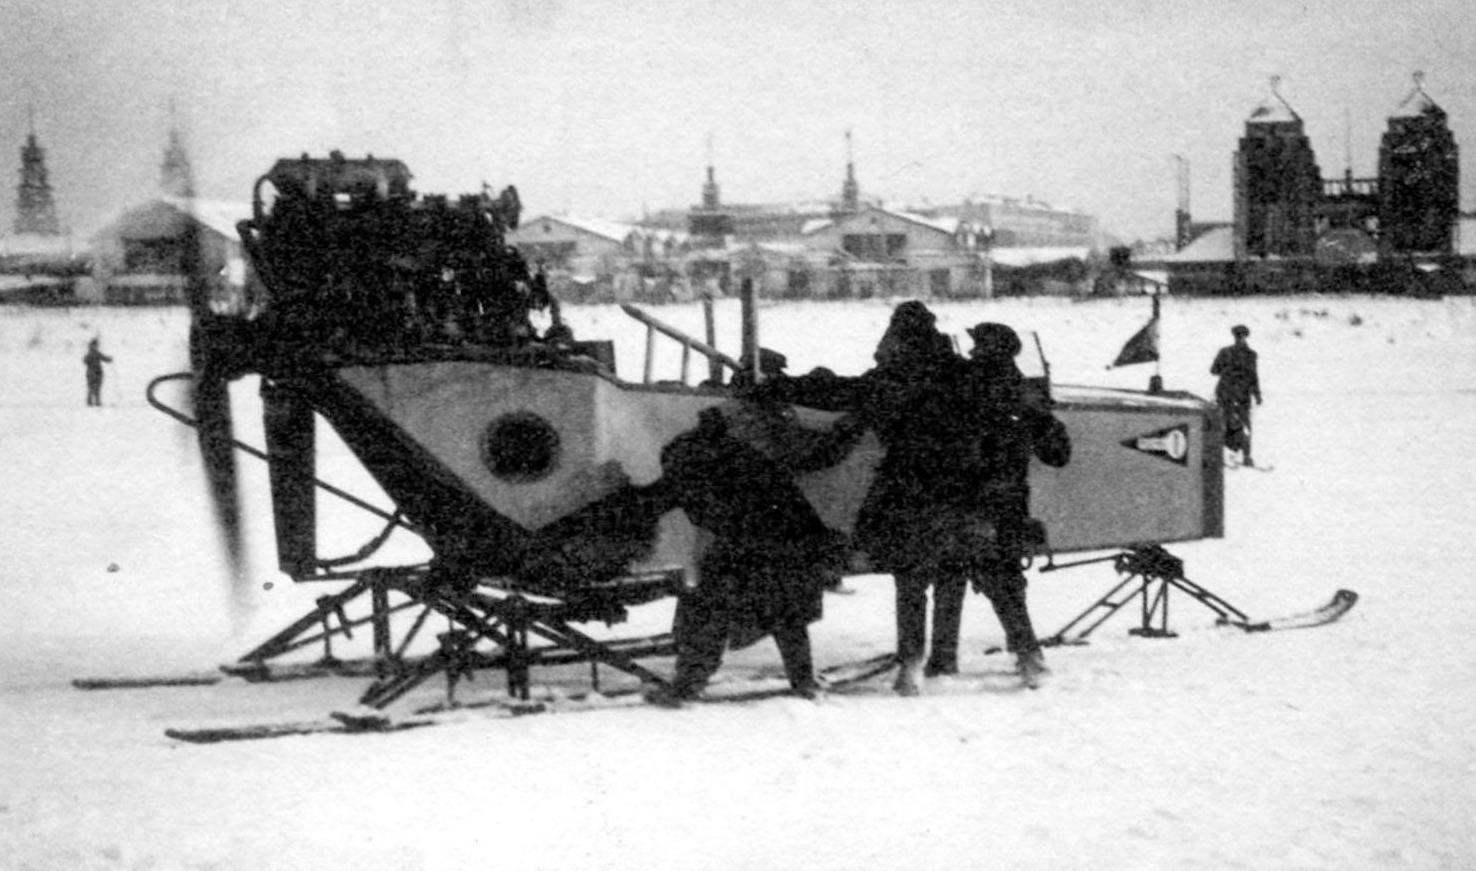 Аэросани Арбес-П, использовавшиеся московским учебным комбинатом «Автодора», после ремонта в НАМИ получили новый двигатель